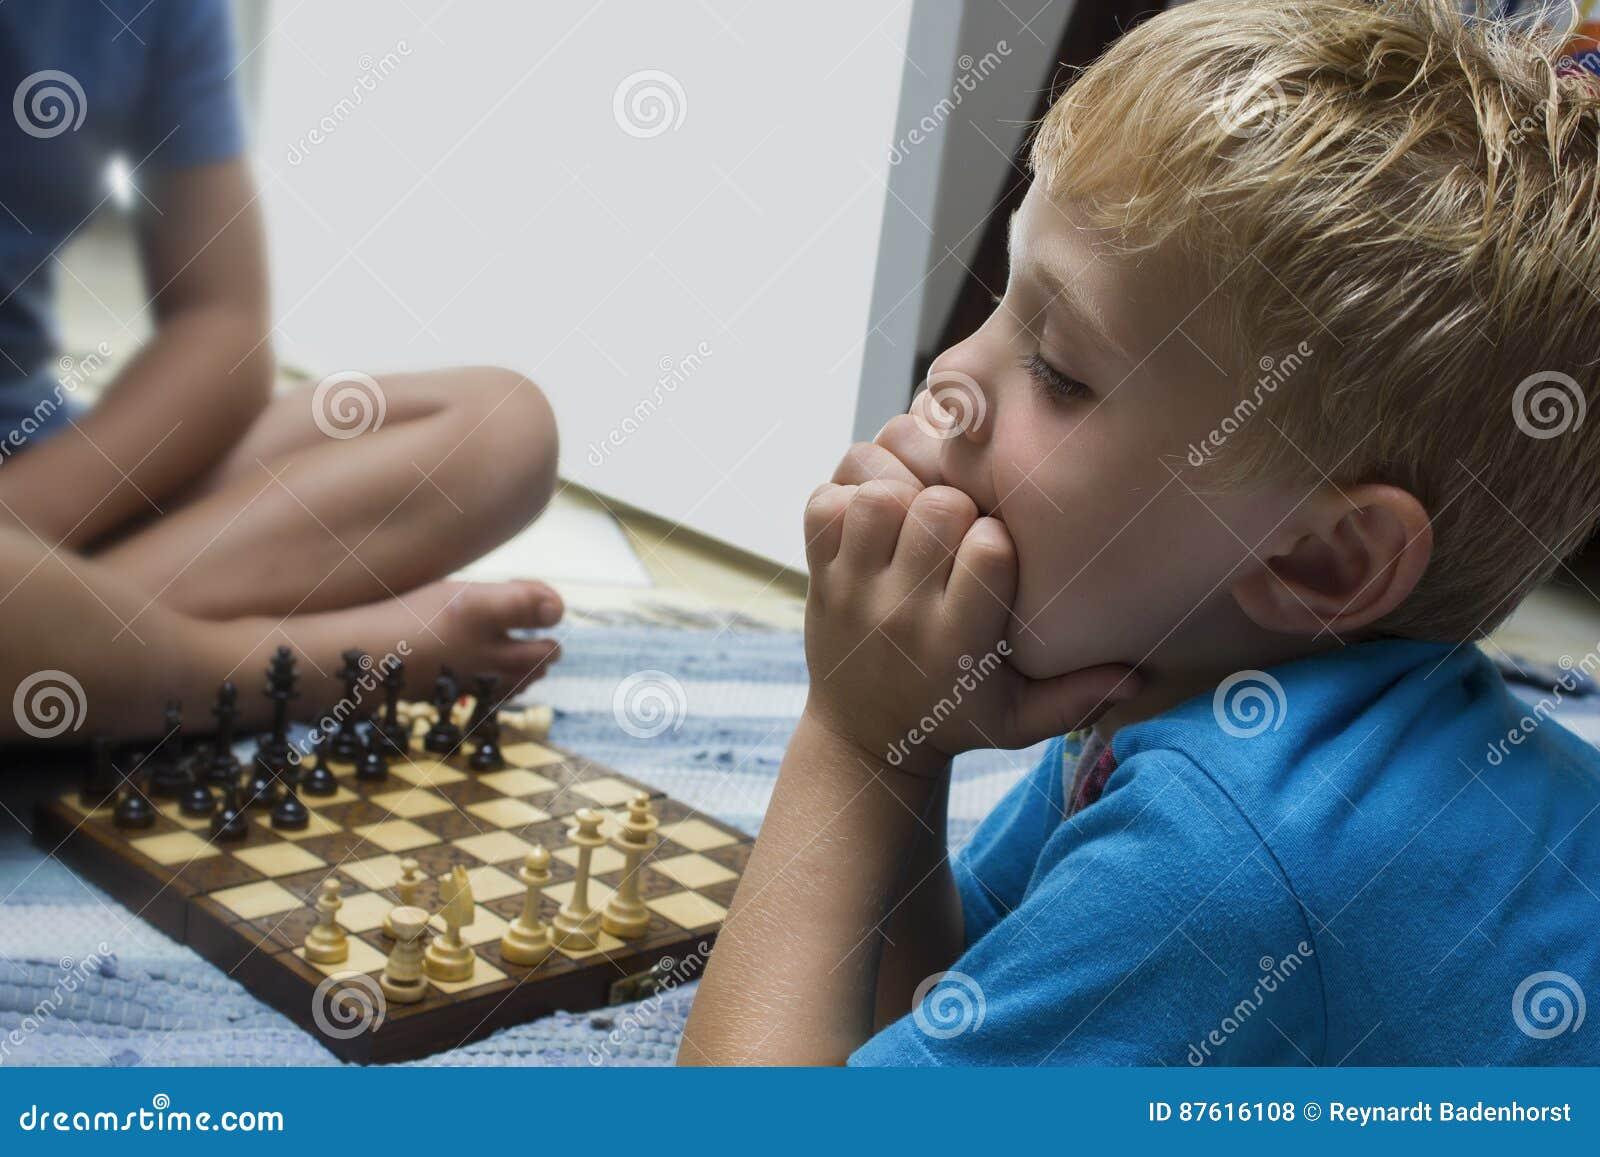 两个男孩打棋盘比赛的和苦苦思索这一个的男孩非常